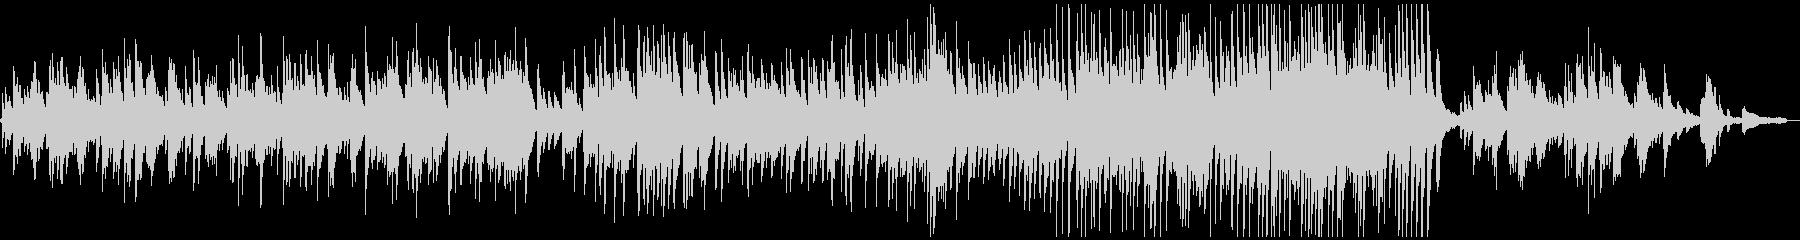 ピアノソロのバラードです。の未再生の波形